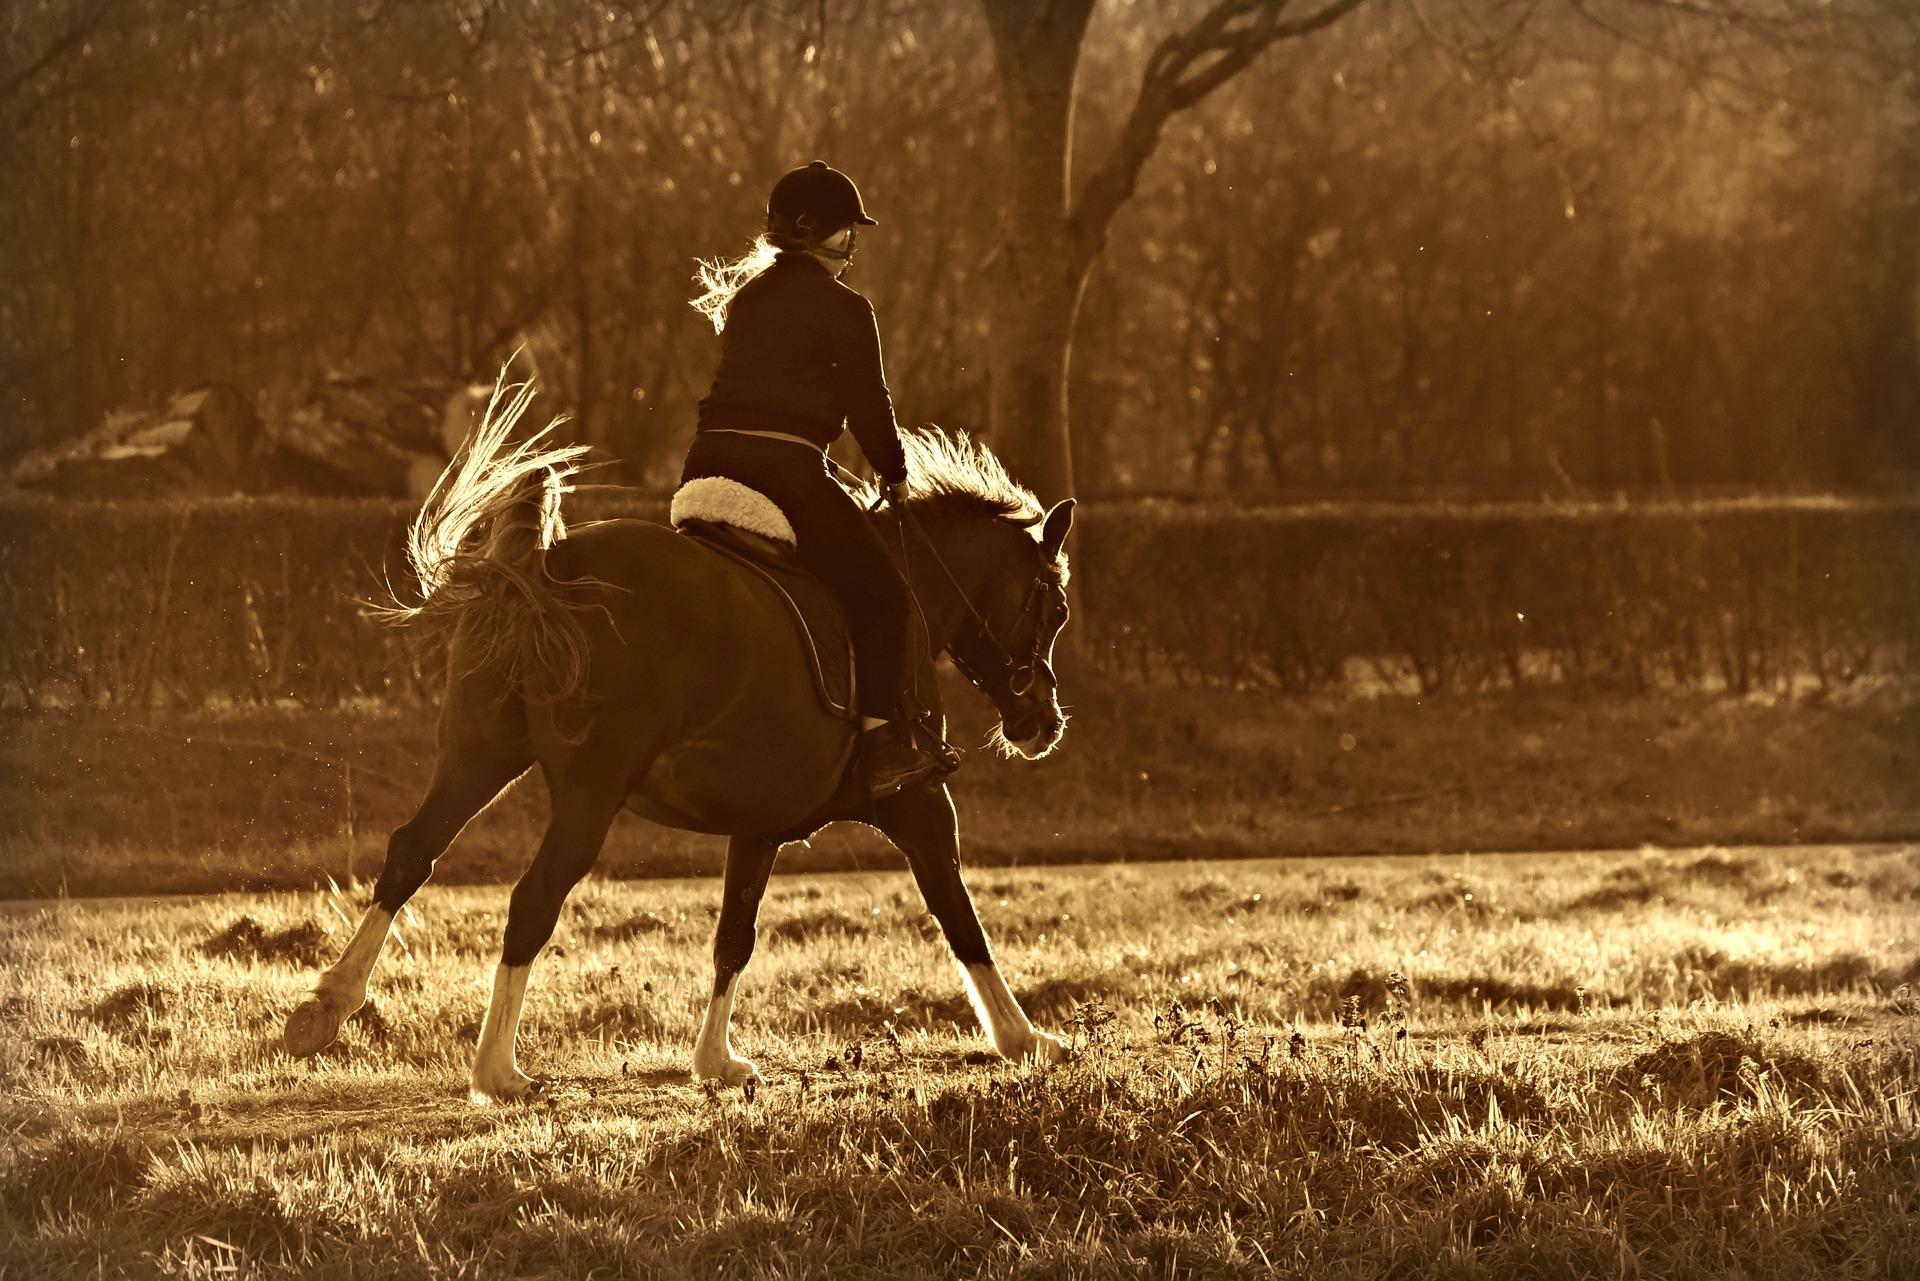 Pferd schlägt beim Reiten mit dem Schweif